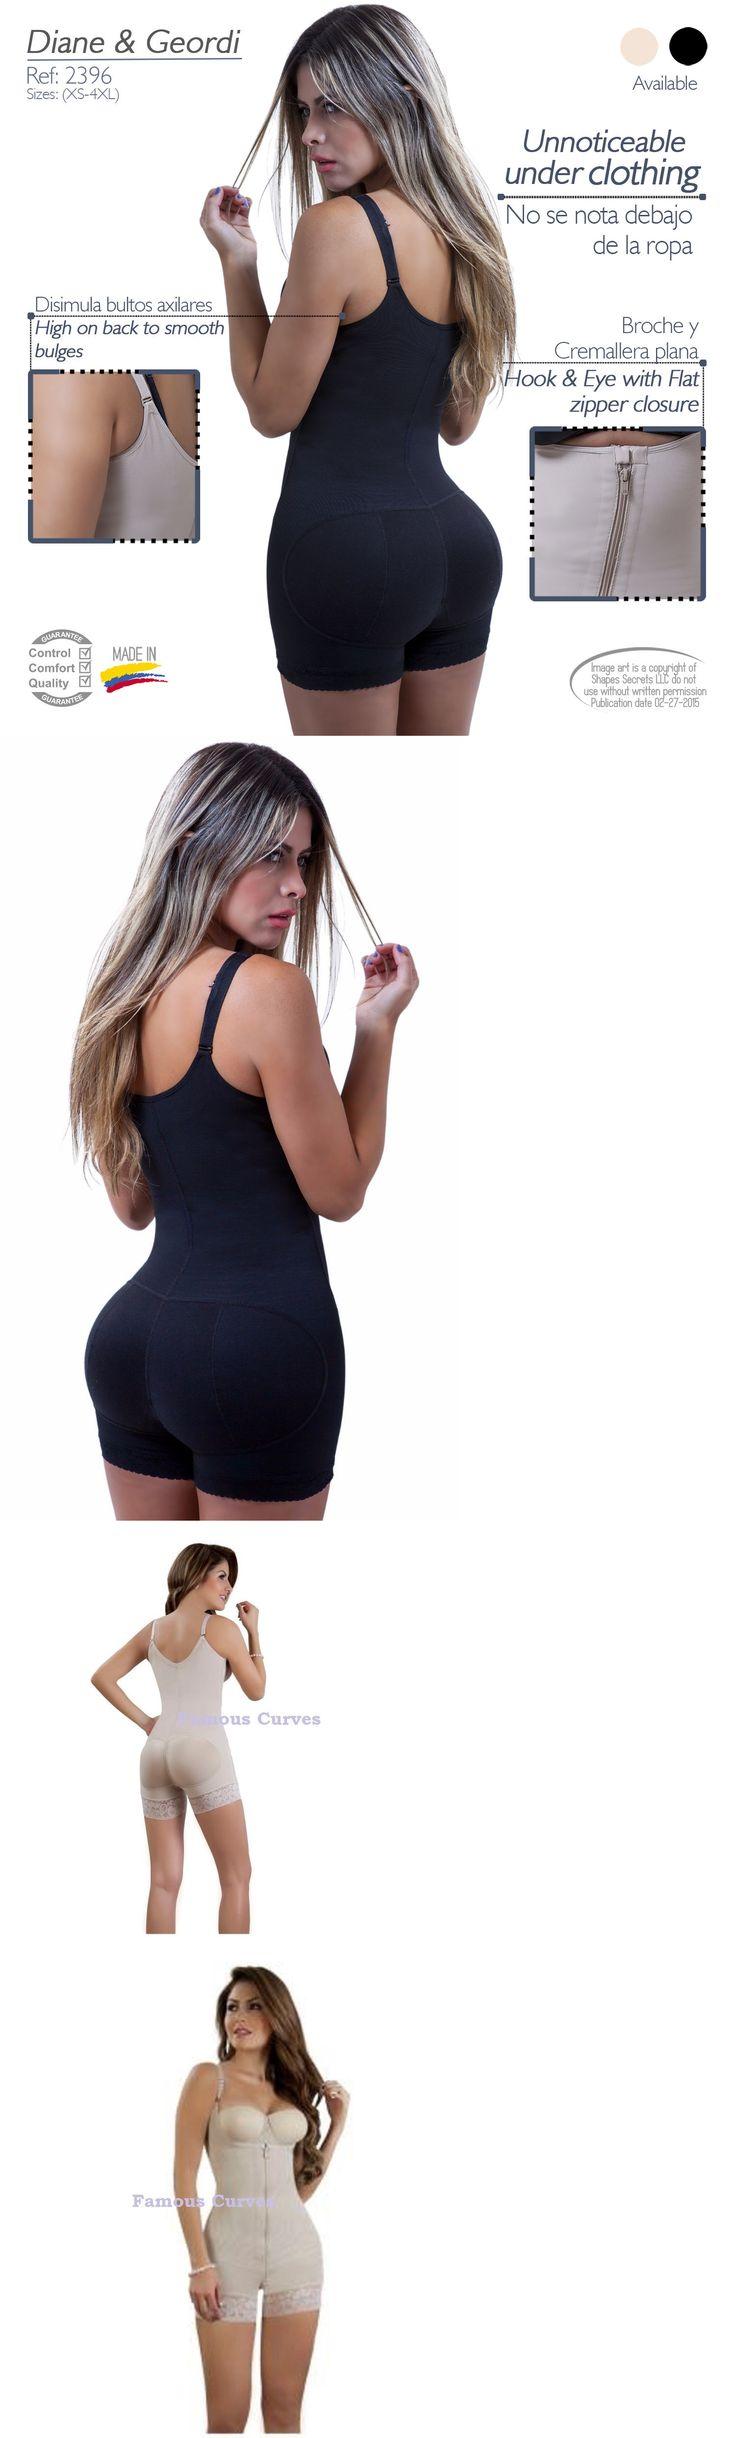 Women Shapewear: Women S Best Post Surgery Body Shaper Comfortable High Compression Shaperwear Dg -> BUY IT NOW ONLY: $66.49 on eBay!